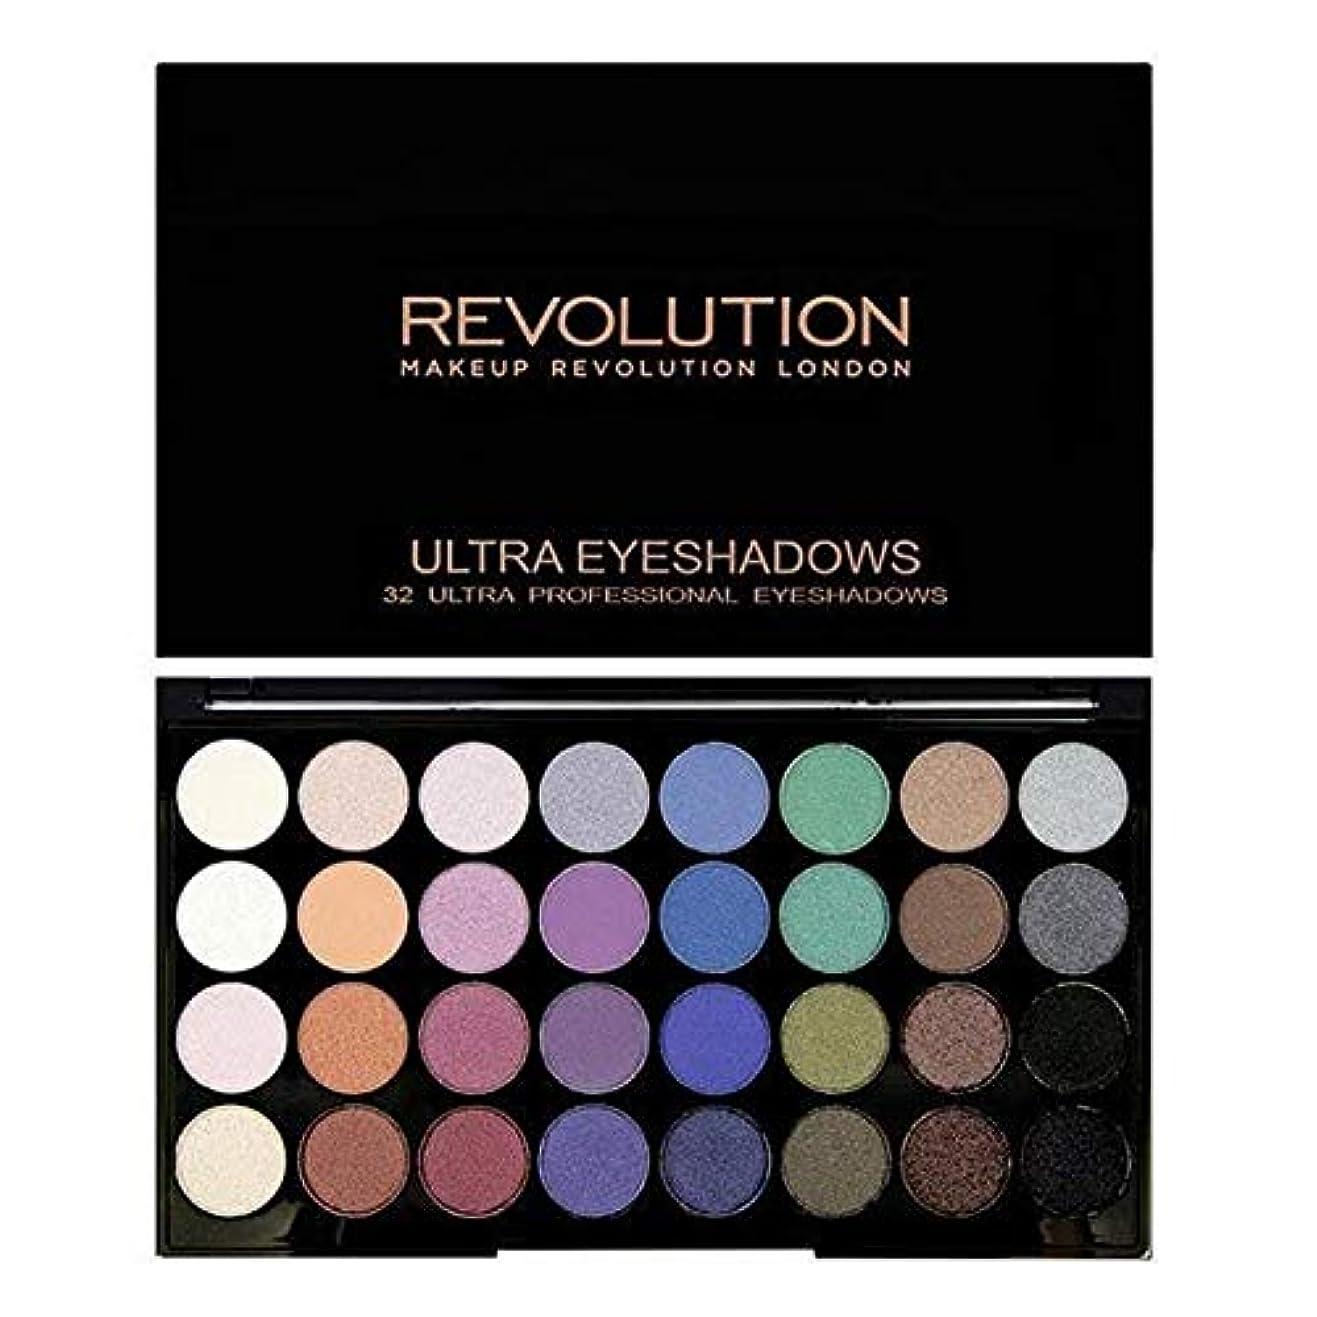 ヘッジ振り向く経歴[Revolution ] 永遠に革命32アイシャドウパレット人魚 - Revolution 32 Eye Shadow Palette Mermaids Forever [並行輸入品]